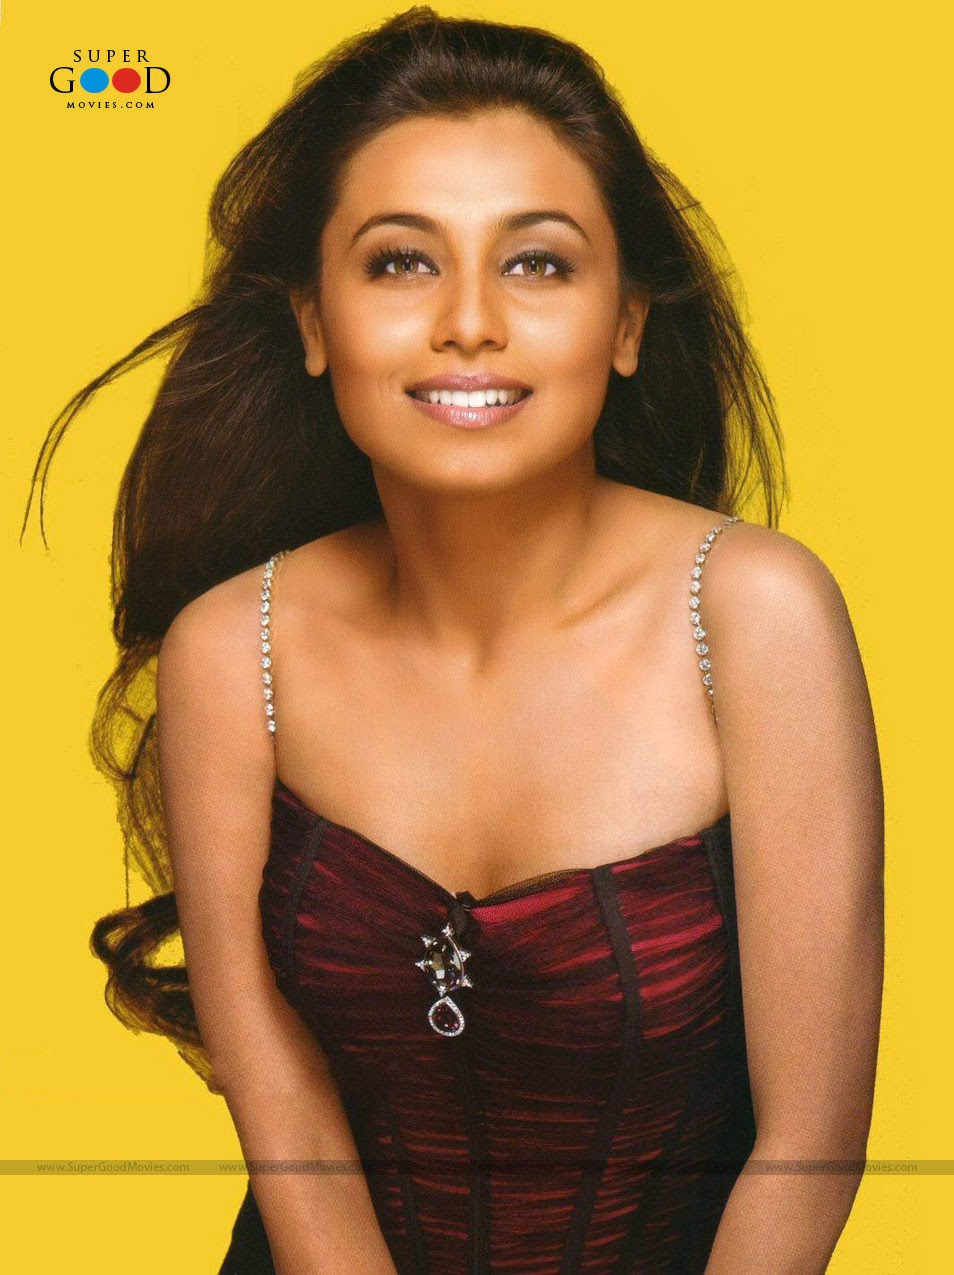 Final, Rani mukharji nude photo interesting